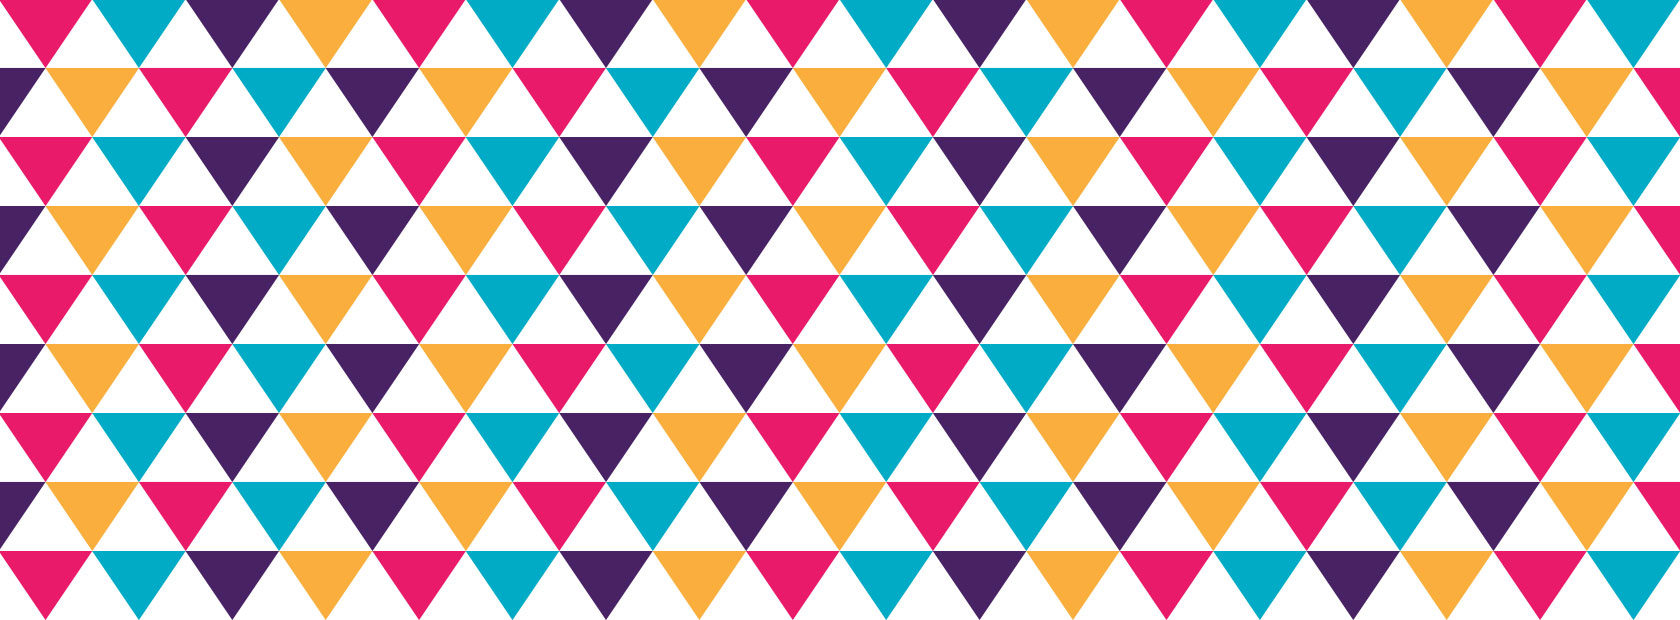 Glitter & Grit Pattern Design 2 by Furia